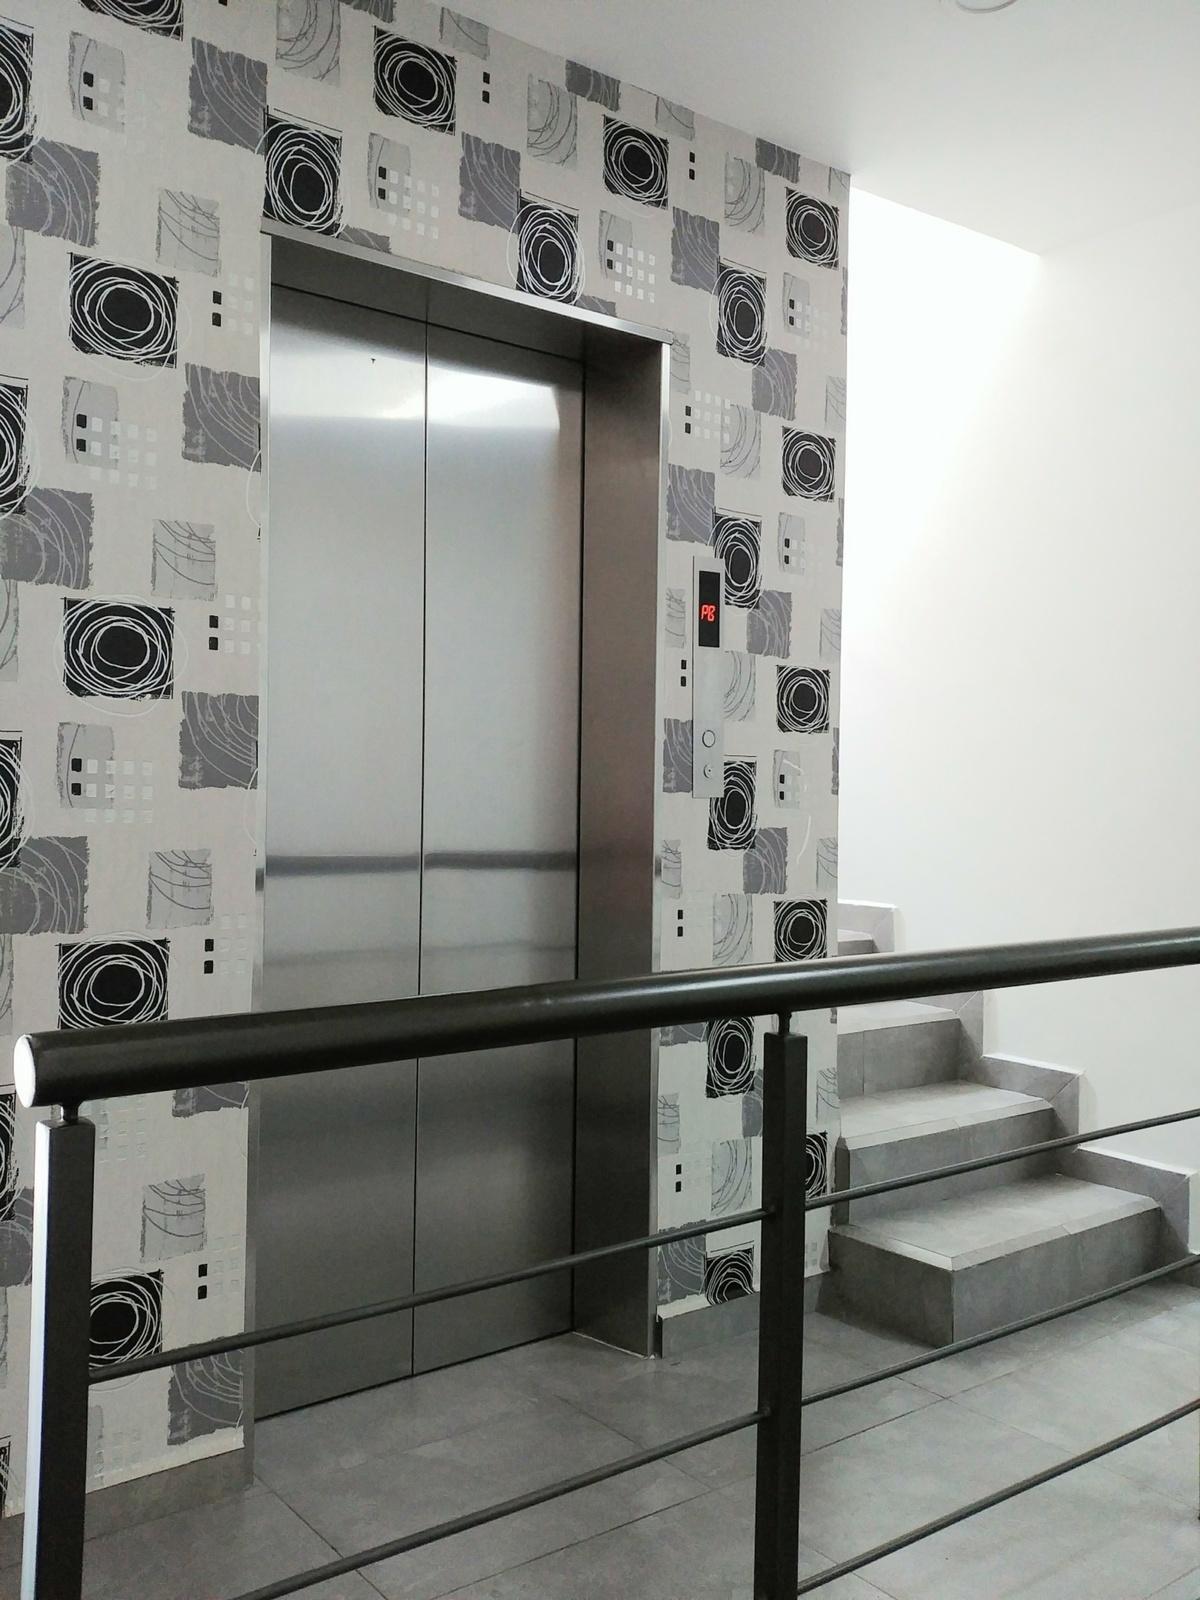 3 de 29: Elevador de acceso al piso donde se ubica el Estacionamiento